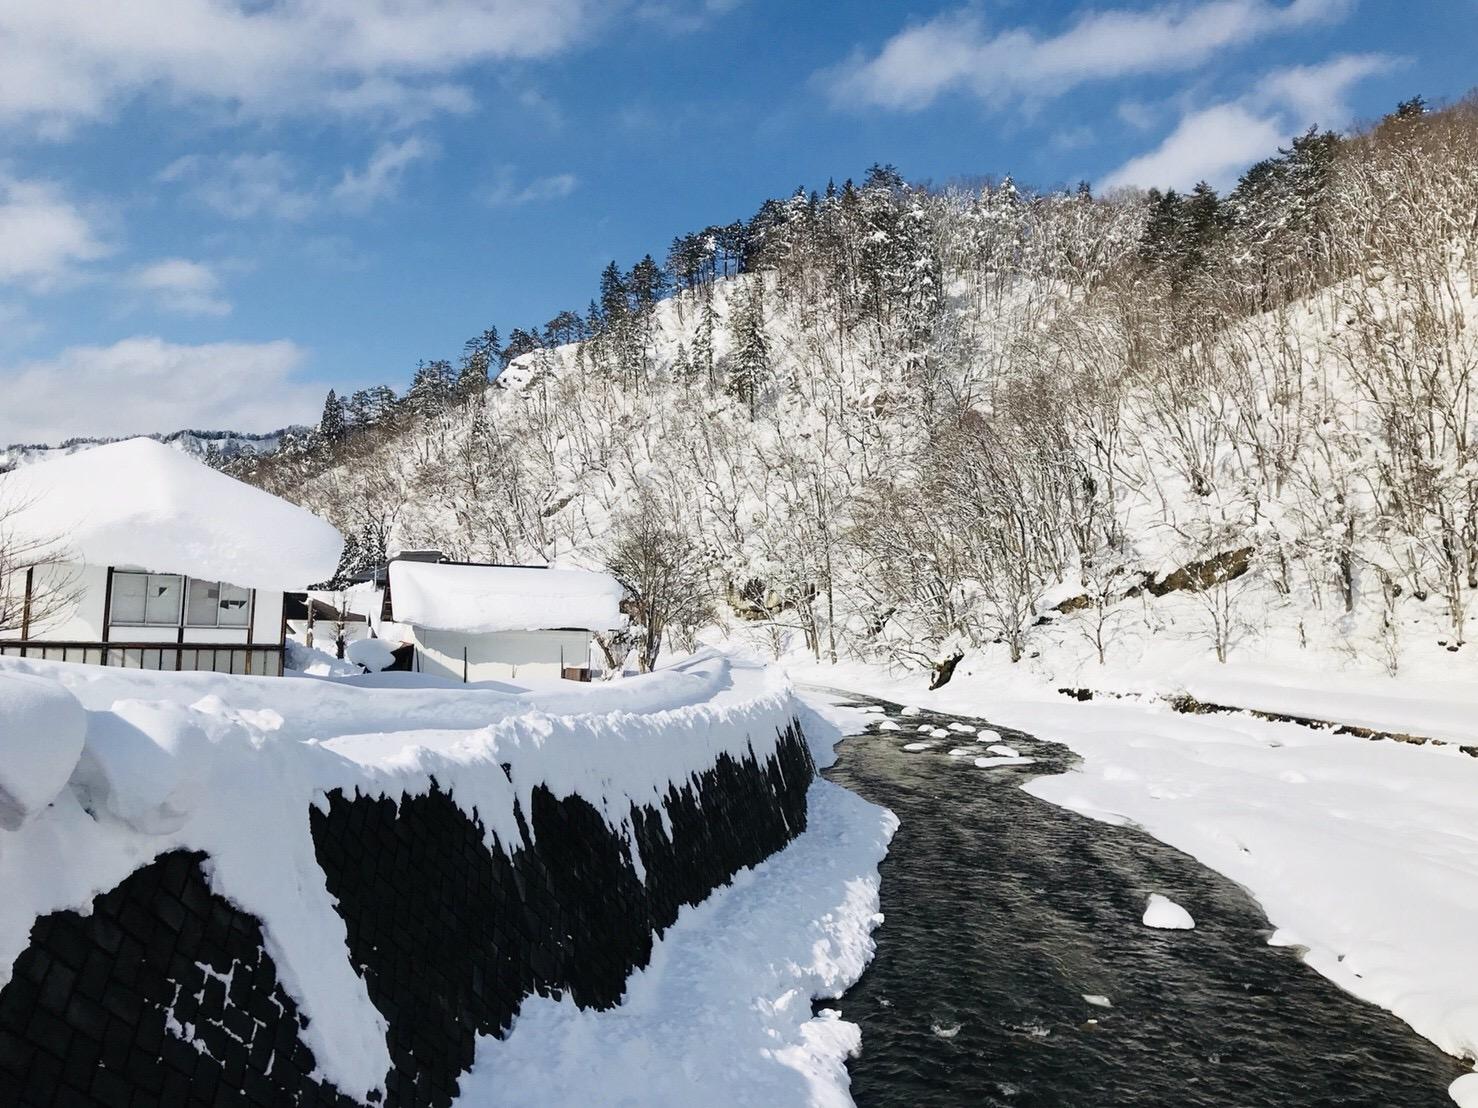 冬の昭和村野尻川の雪景色